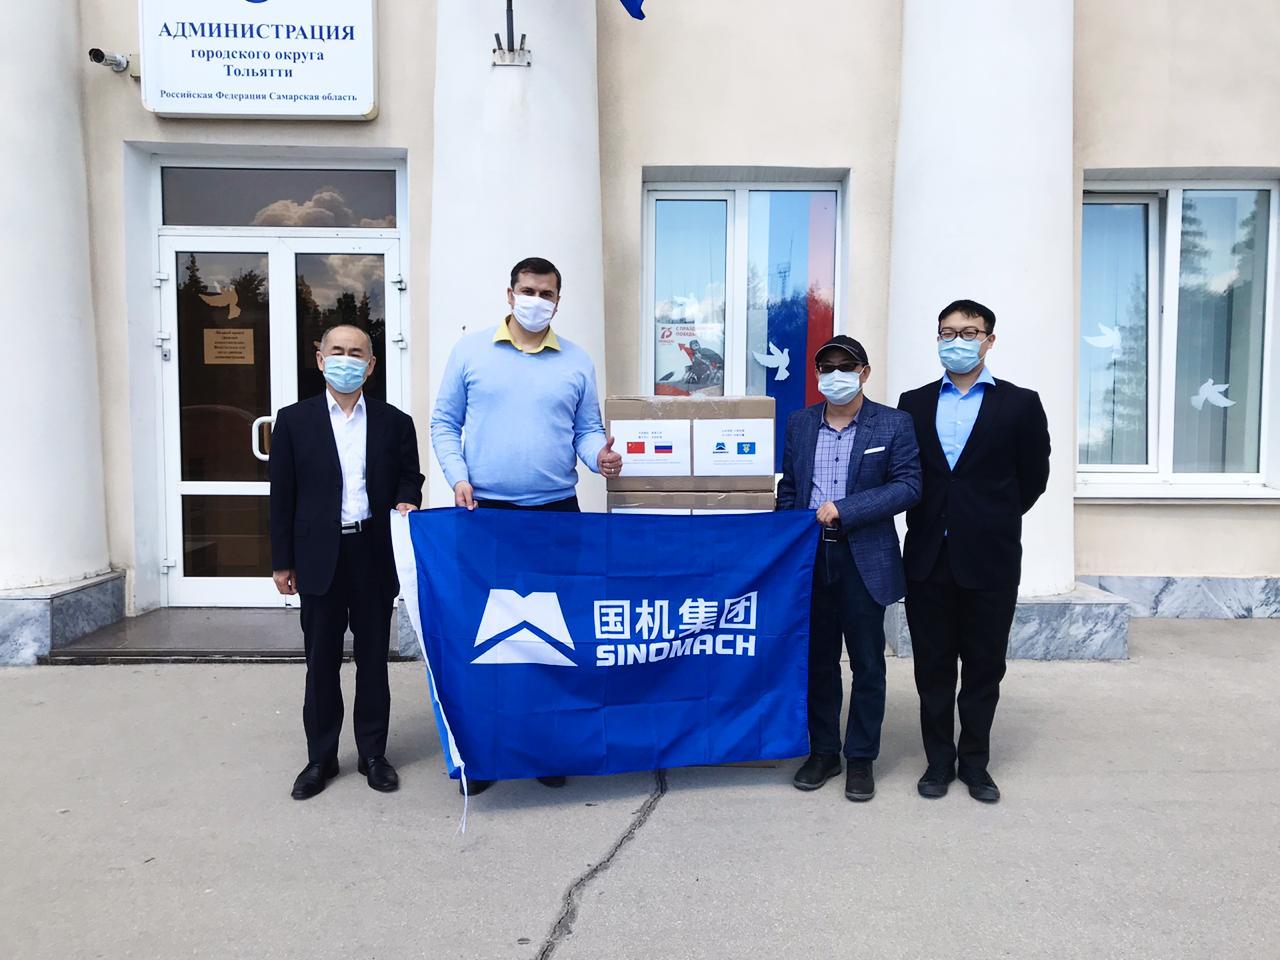 Партнеры из КНР оказали Тольятти содействие в приобретении медицинских масок